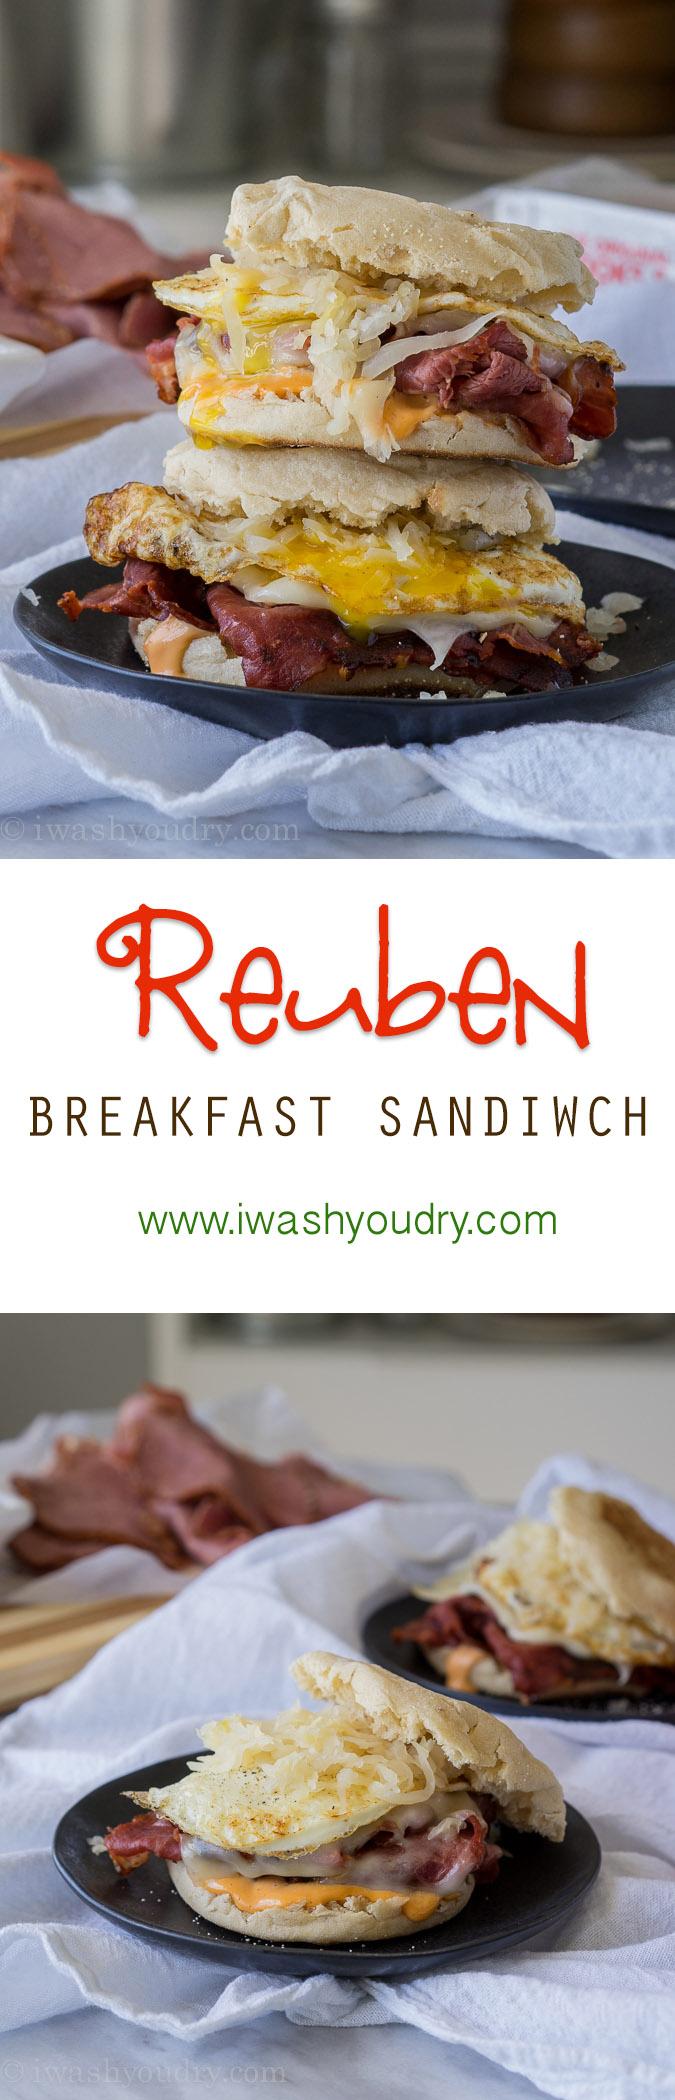 The Ultimate Reuben Breakfast Sandwich!!